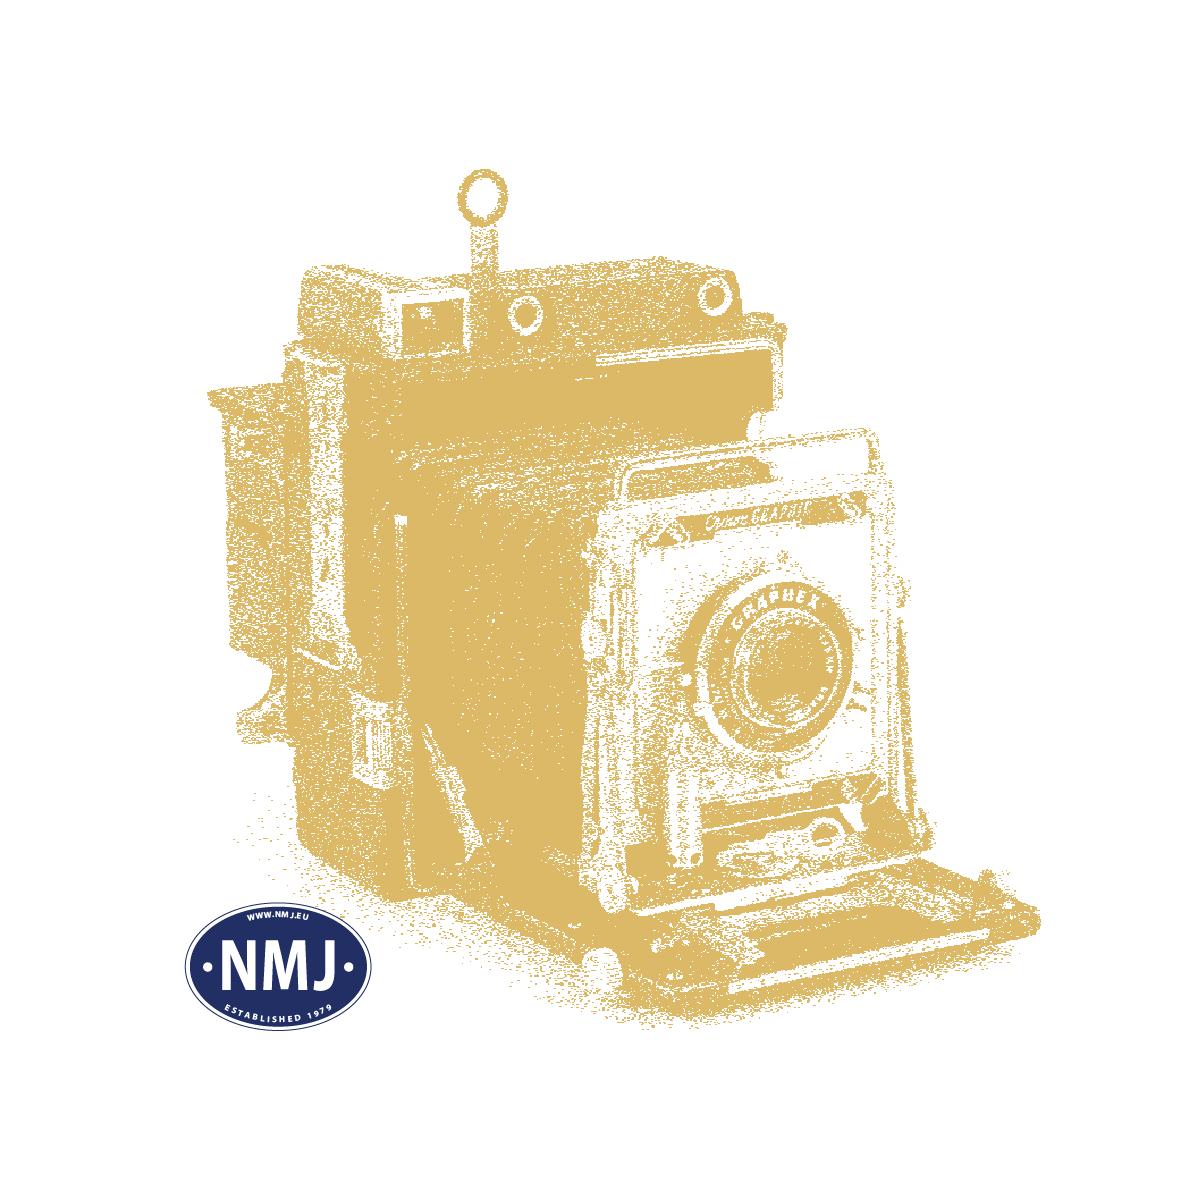 ROC51286 - Digitalt Startsett m/ 2 togsett & z21 Start